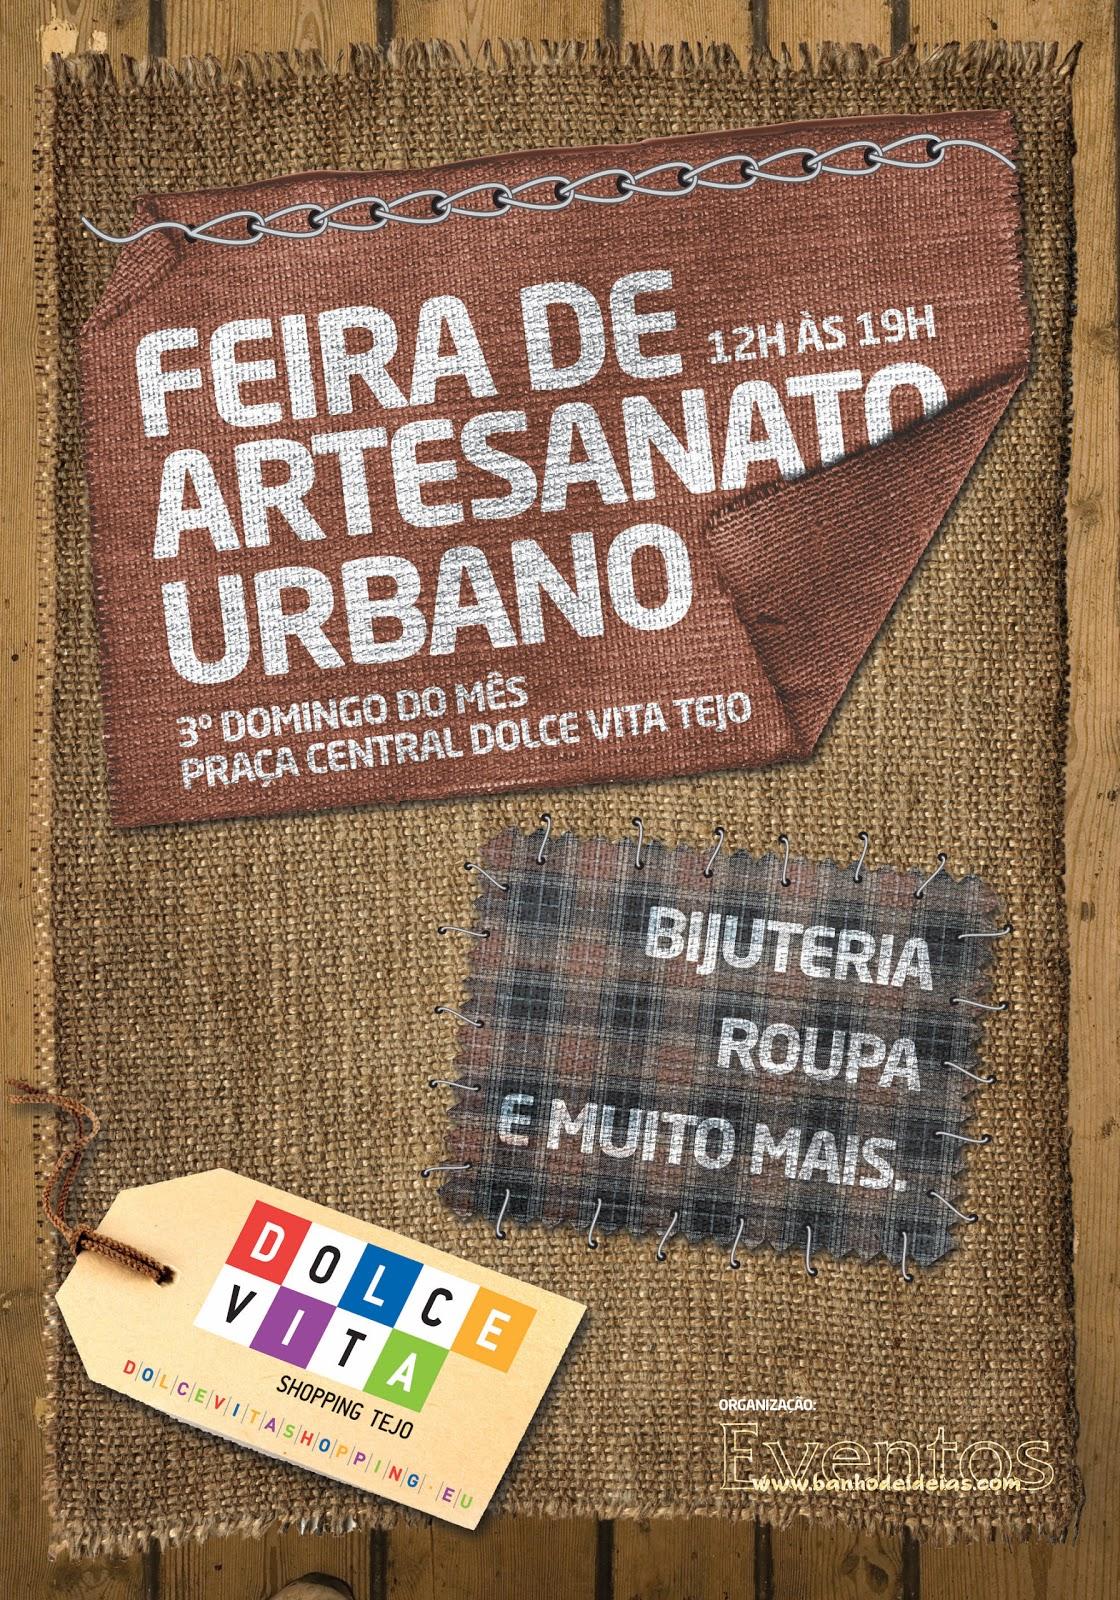 Aparador Madeira Rustica ~ Artes na Rua Artesanato Urbano Cartaz da Feira de Artesanato Urbano no Dolce Vita Tejo